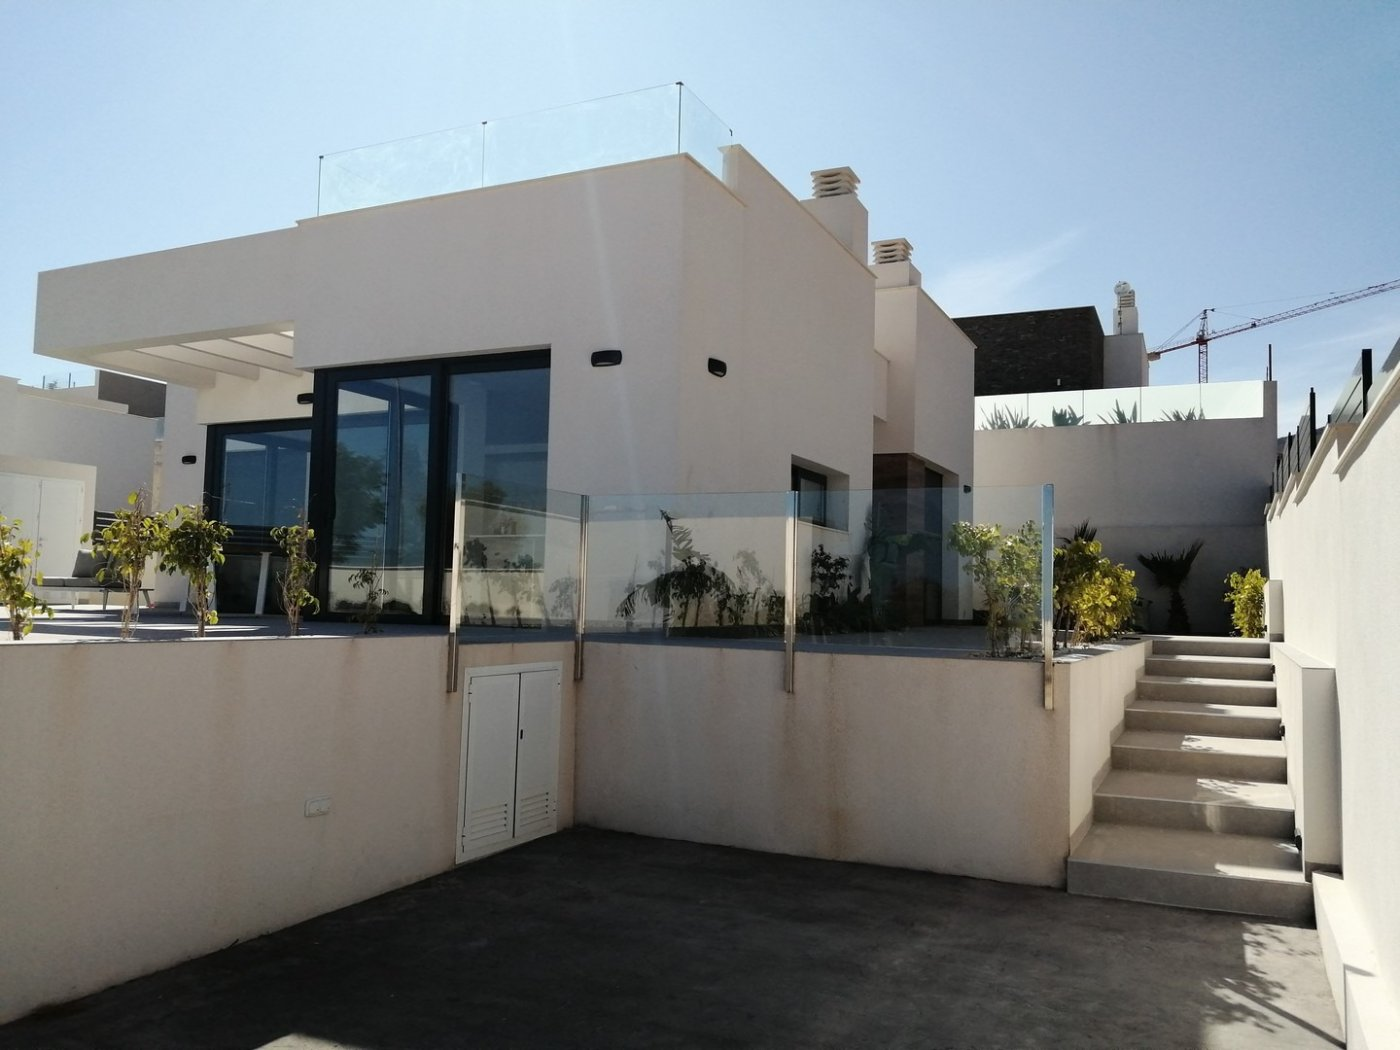 Venta de villa en polop - imagenInmueble3